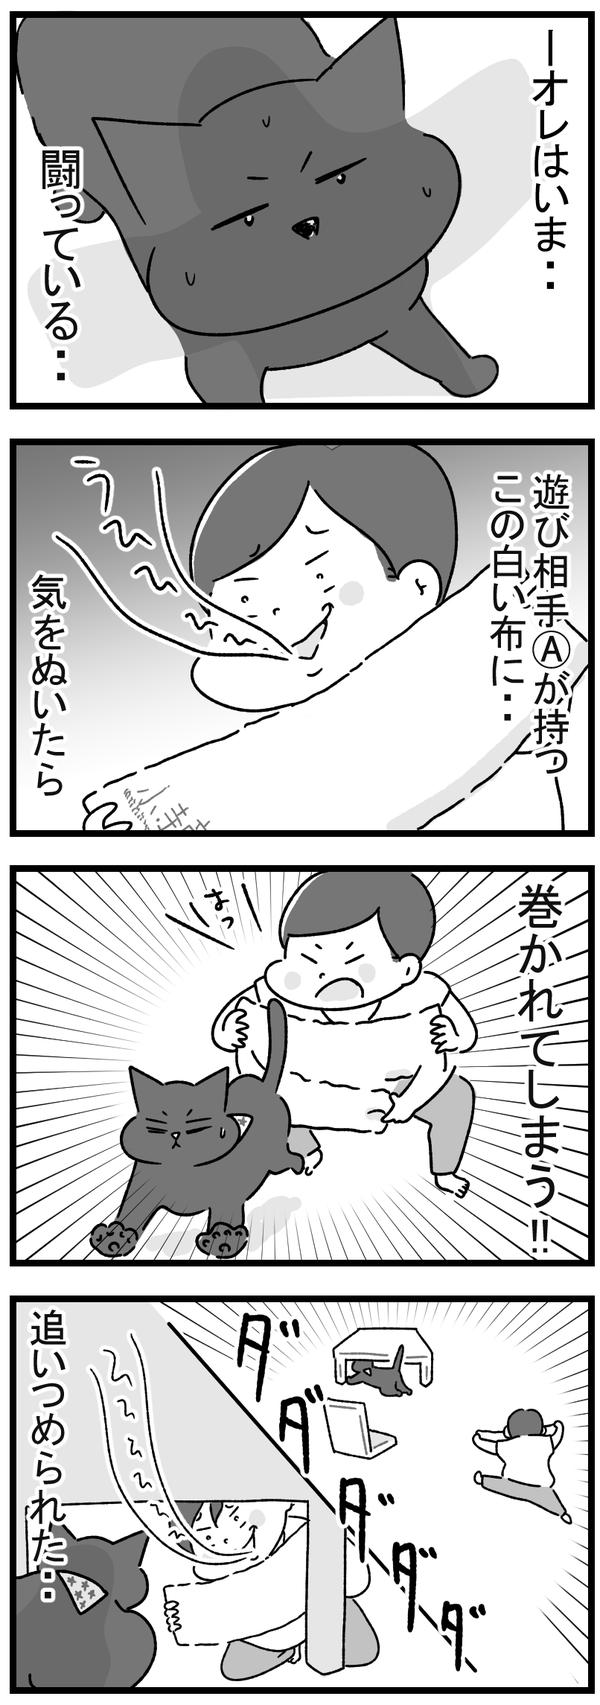 黒猫狩り1